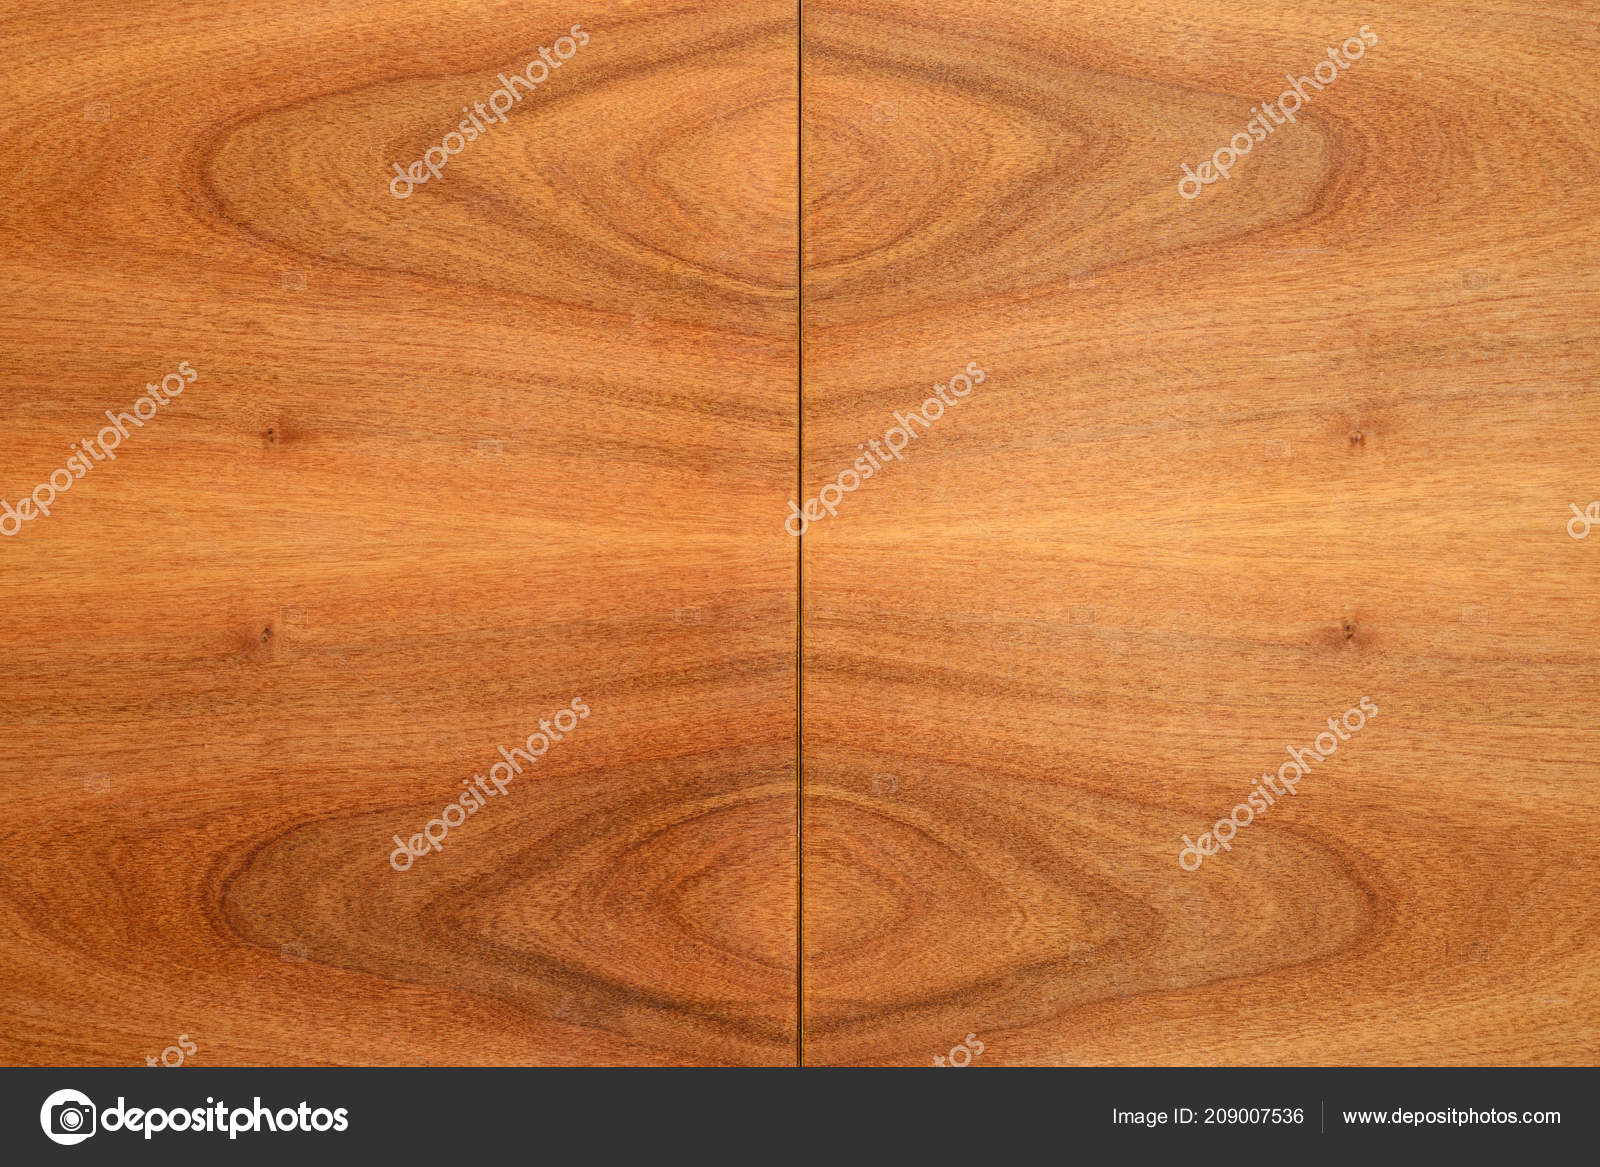 Boek matched hout panelen achtergrond gewrichten van decoratieve